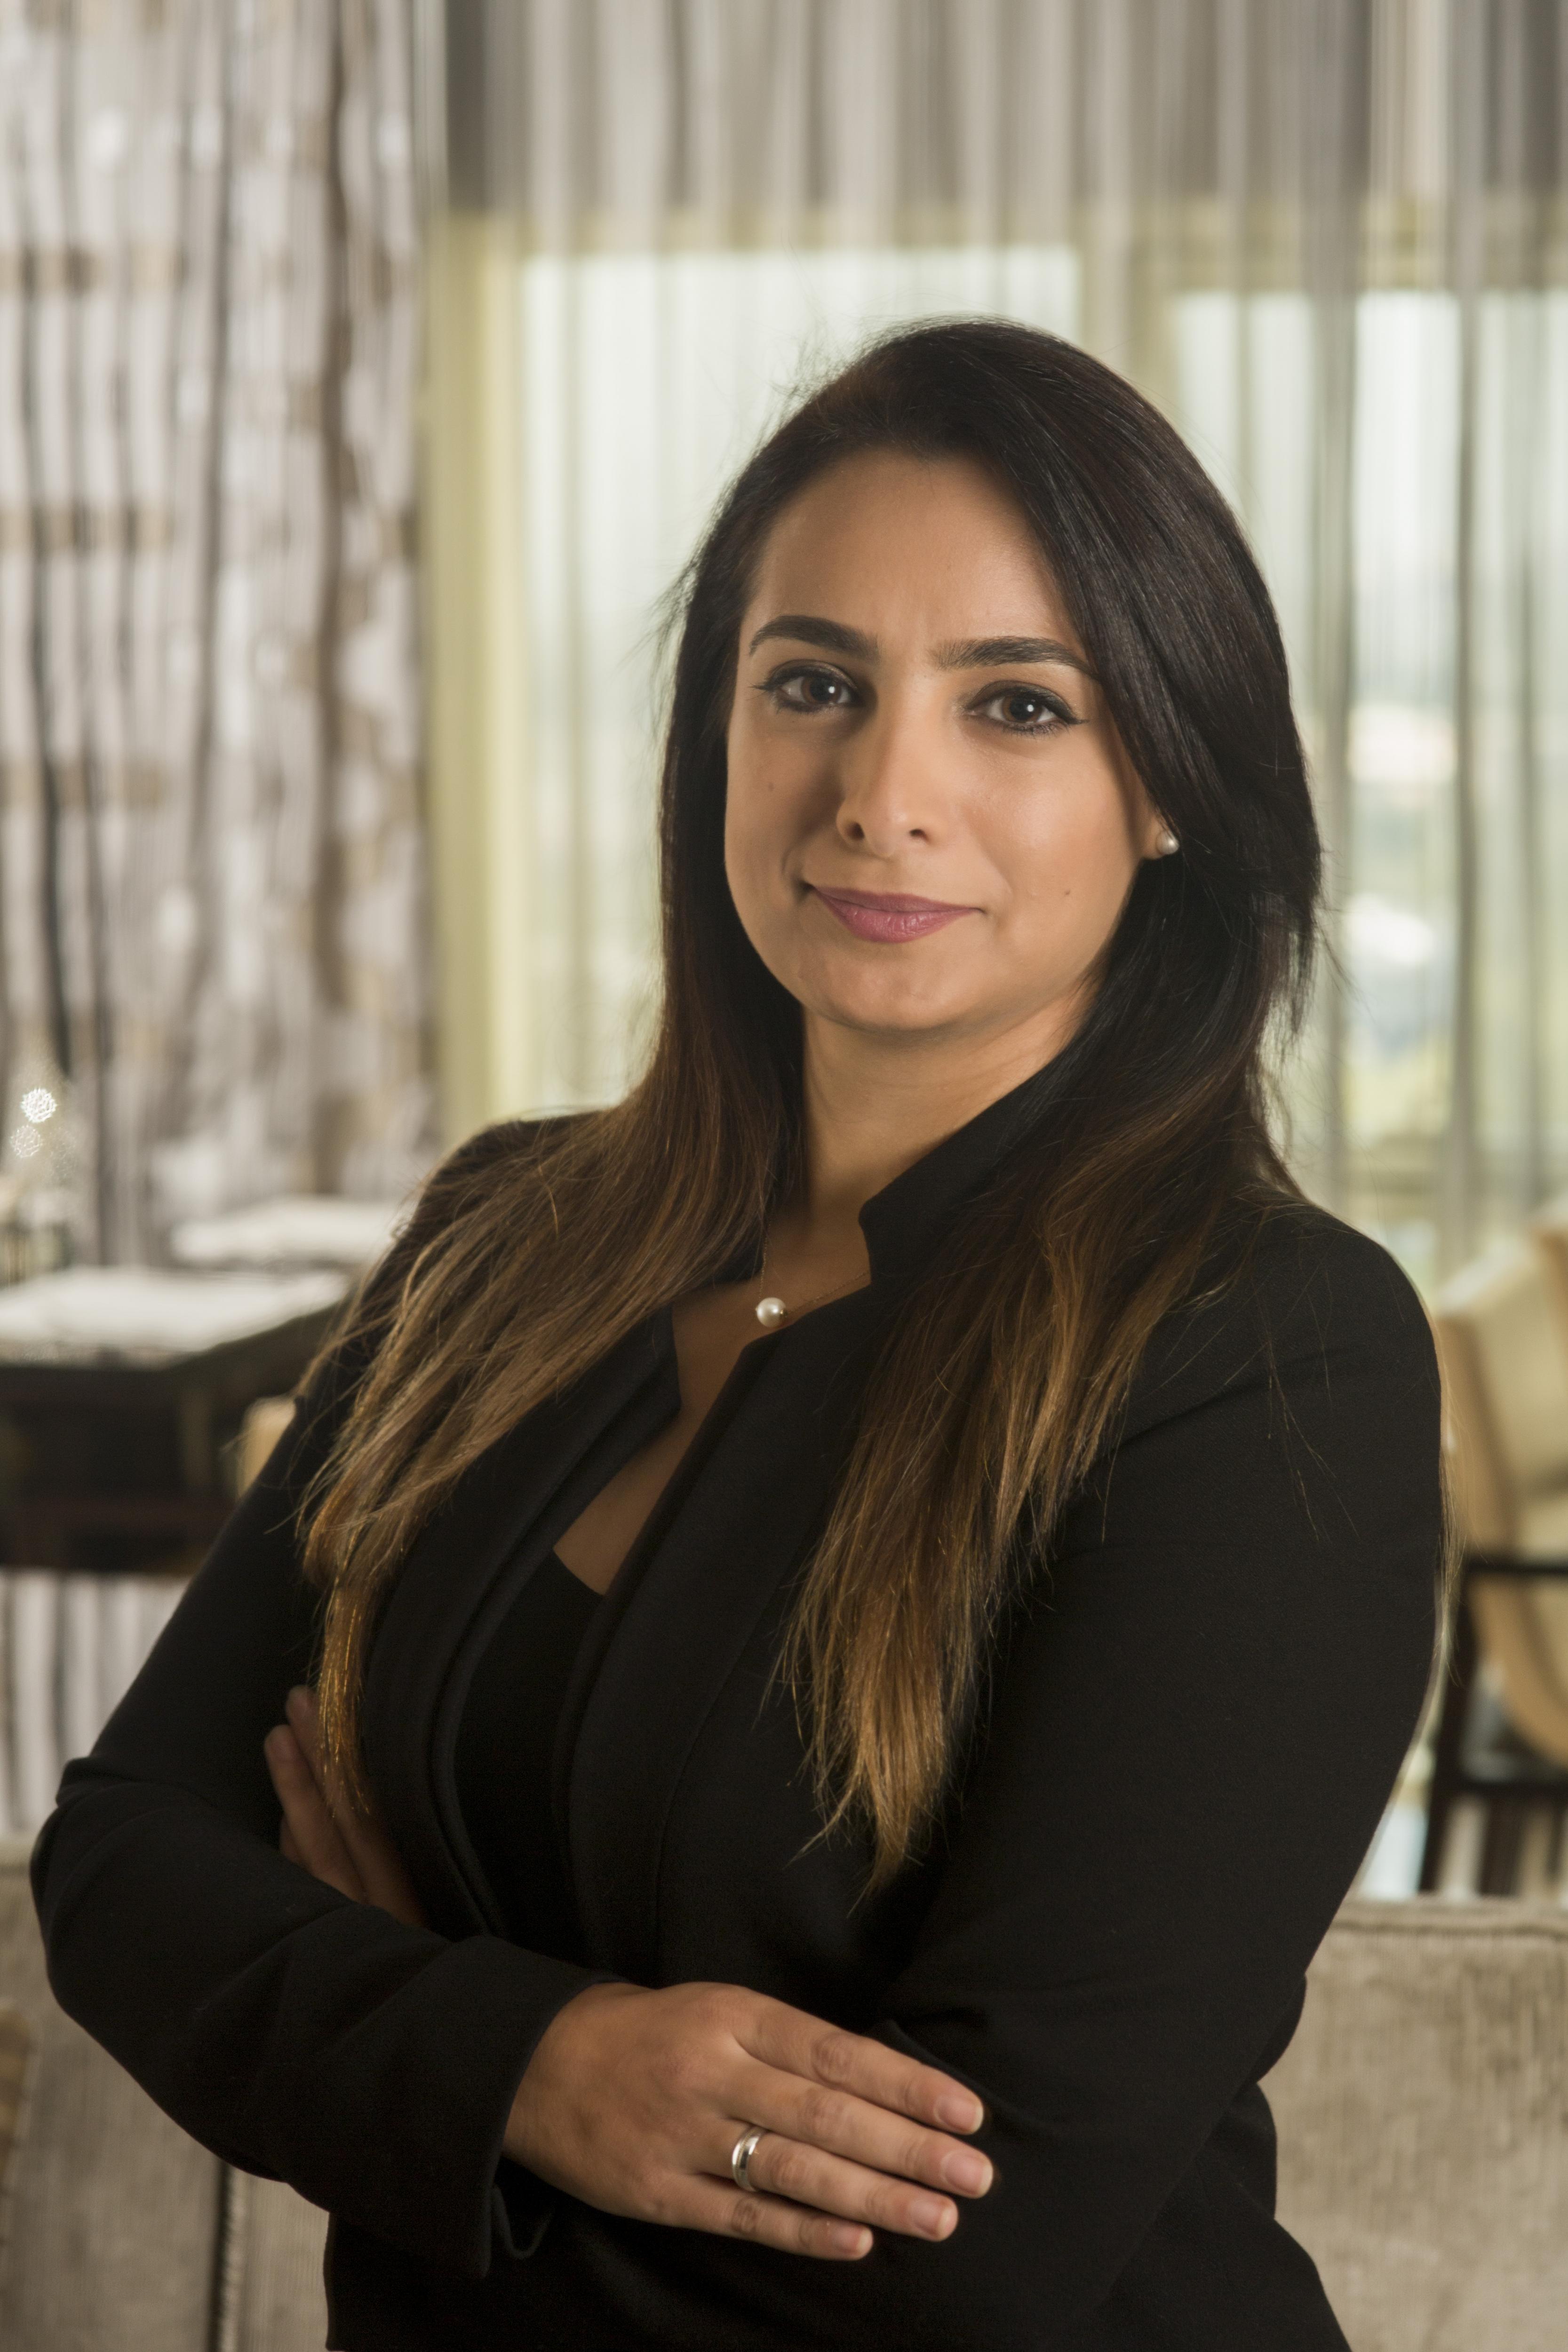 Lina Muwafak at Le Meridien Dubai